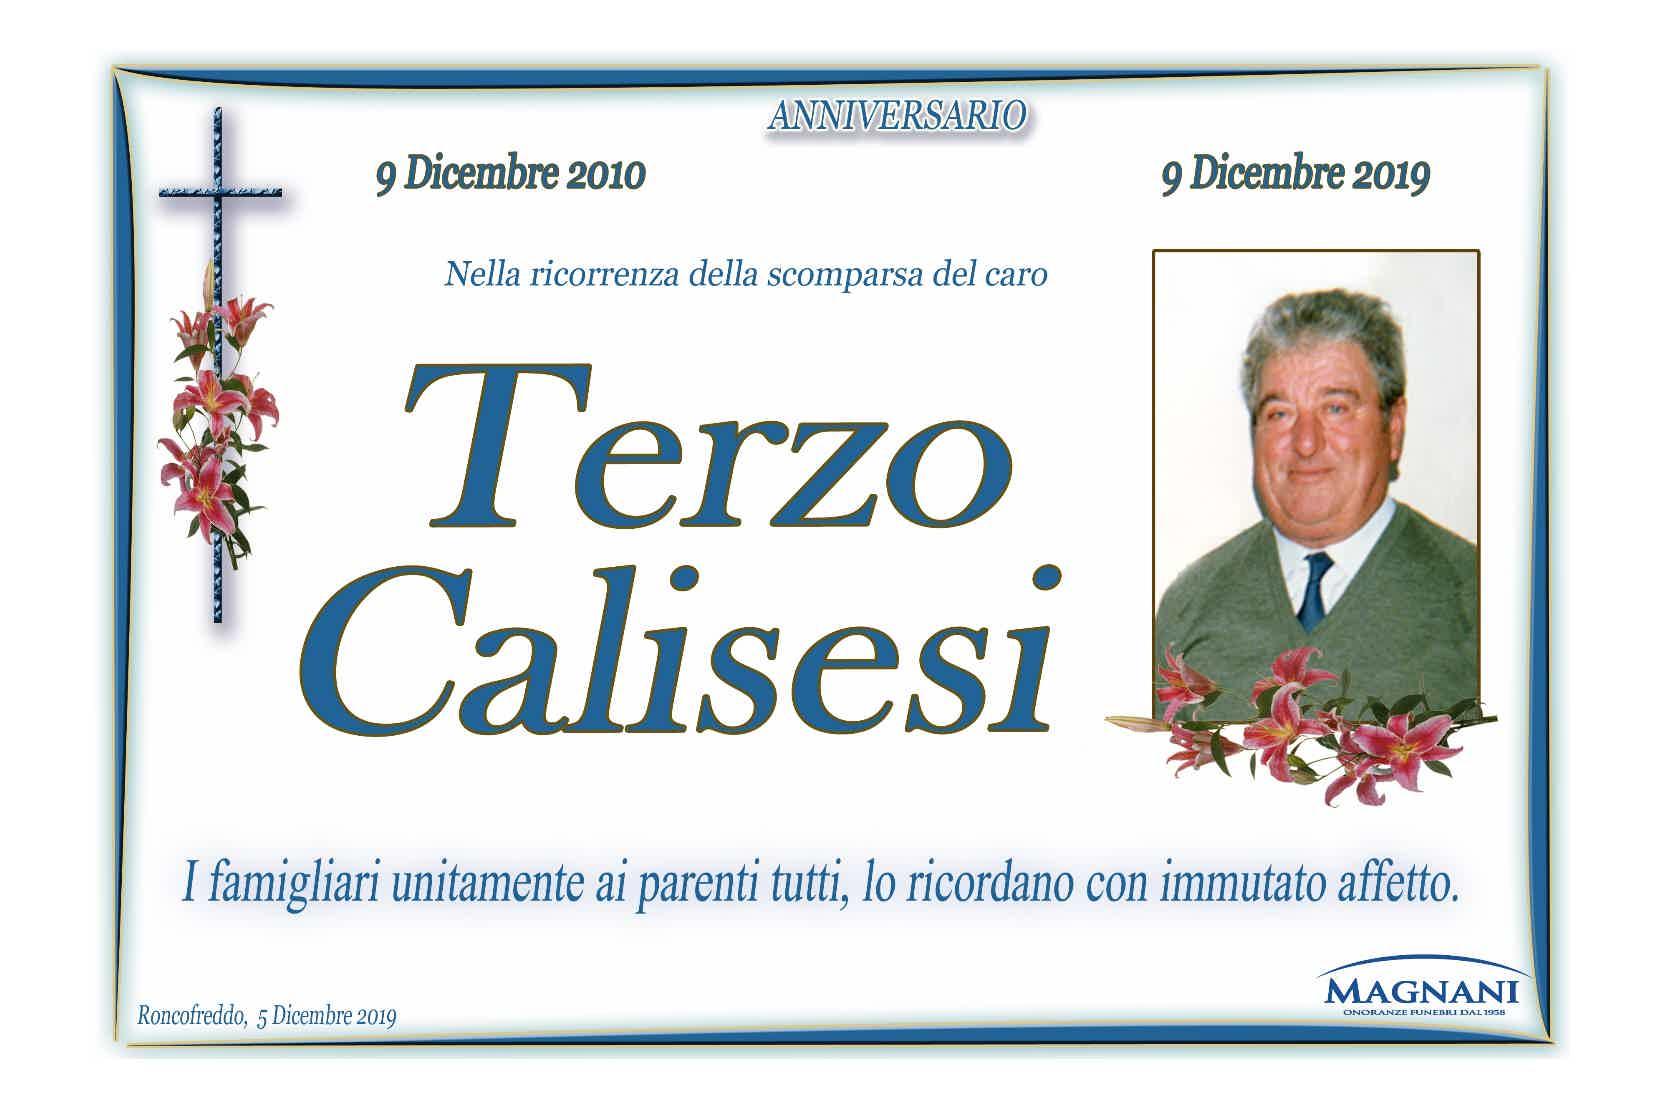 Terzo Calisesi